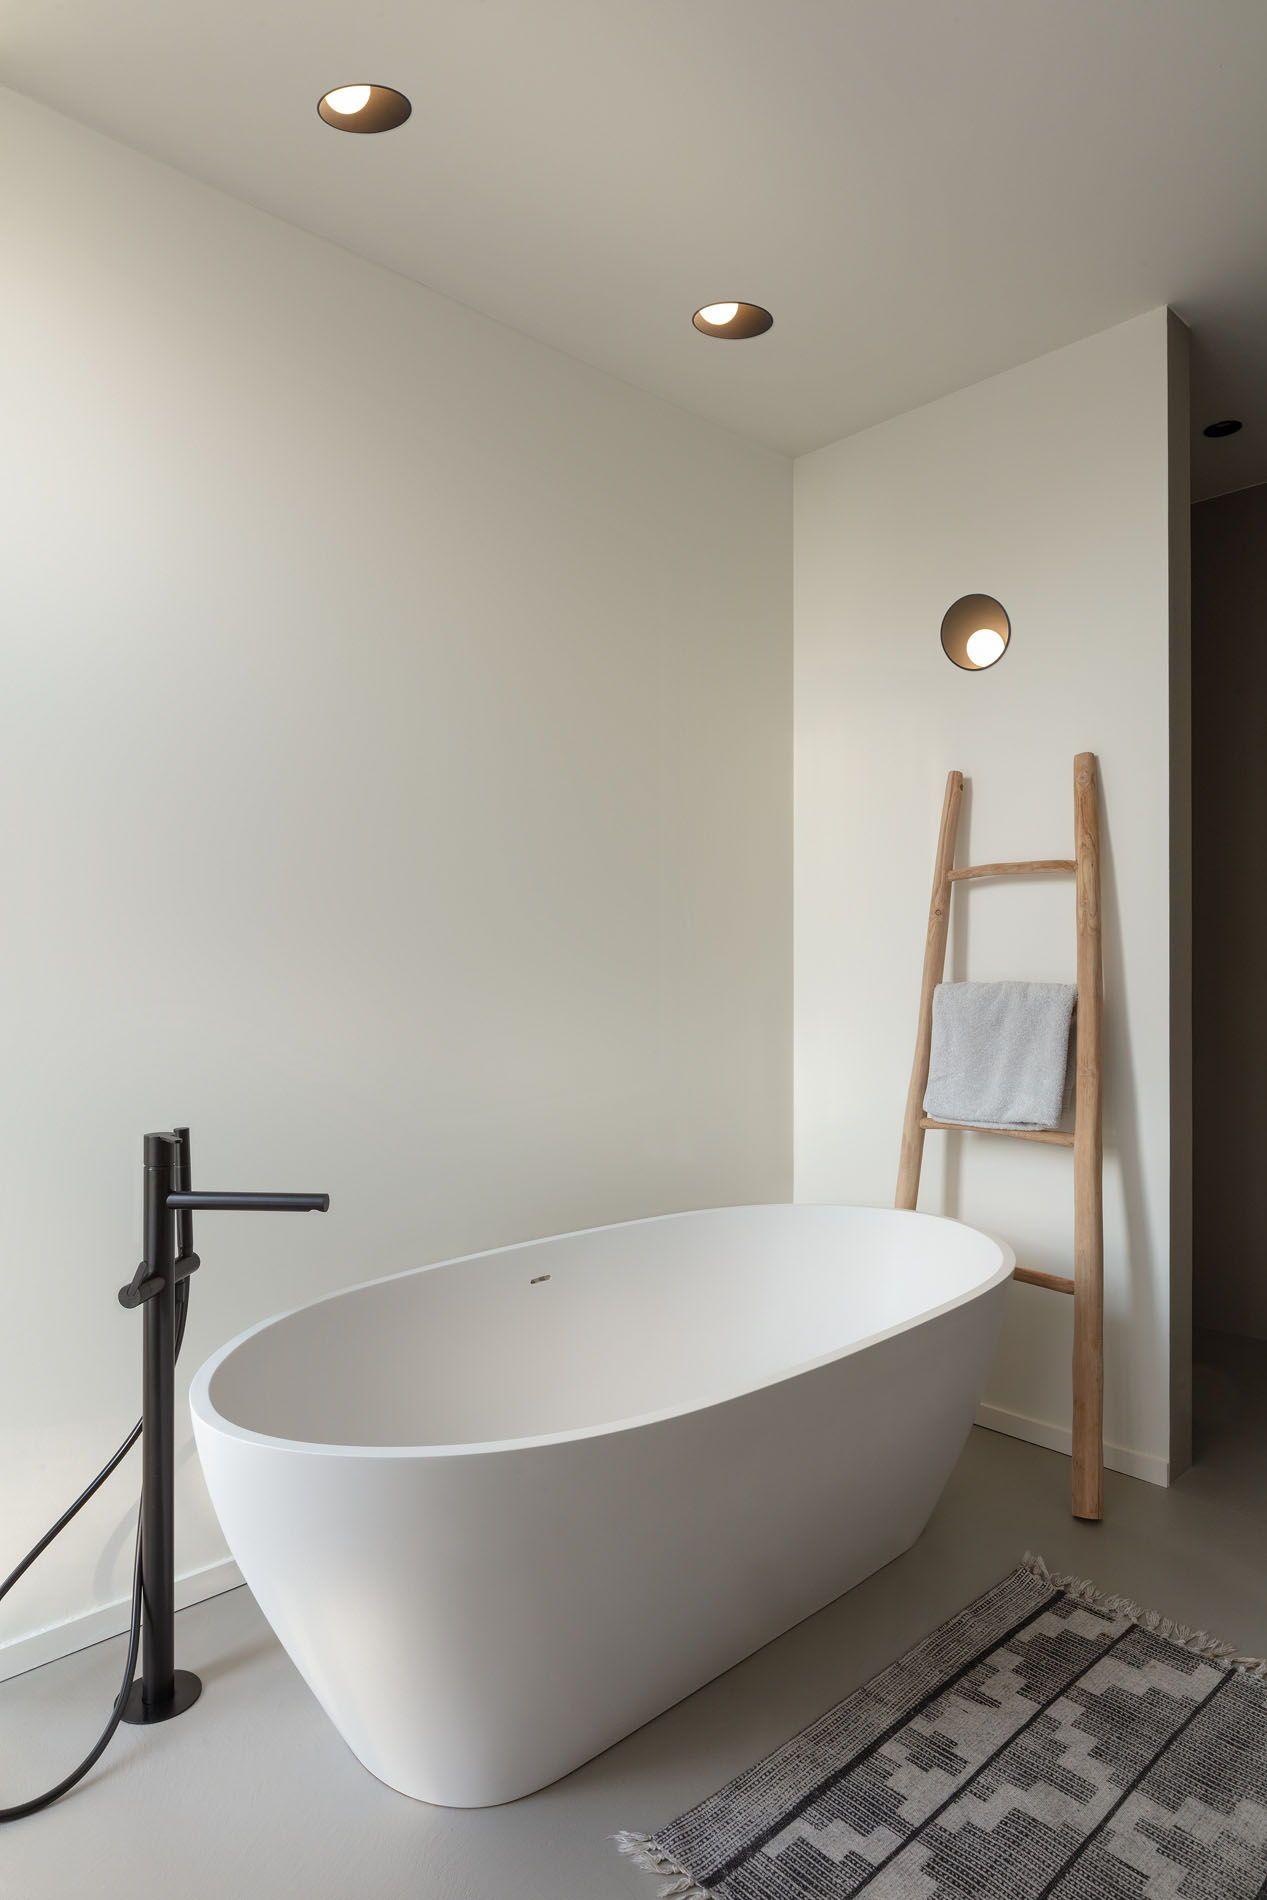 Moroccan Inspired Wall Light Display Shelf Bathroom Design Beautiful Bathrooms Moroccan Bathroom